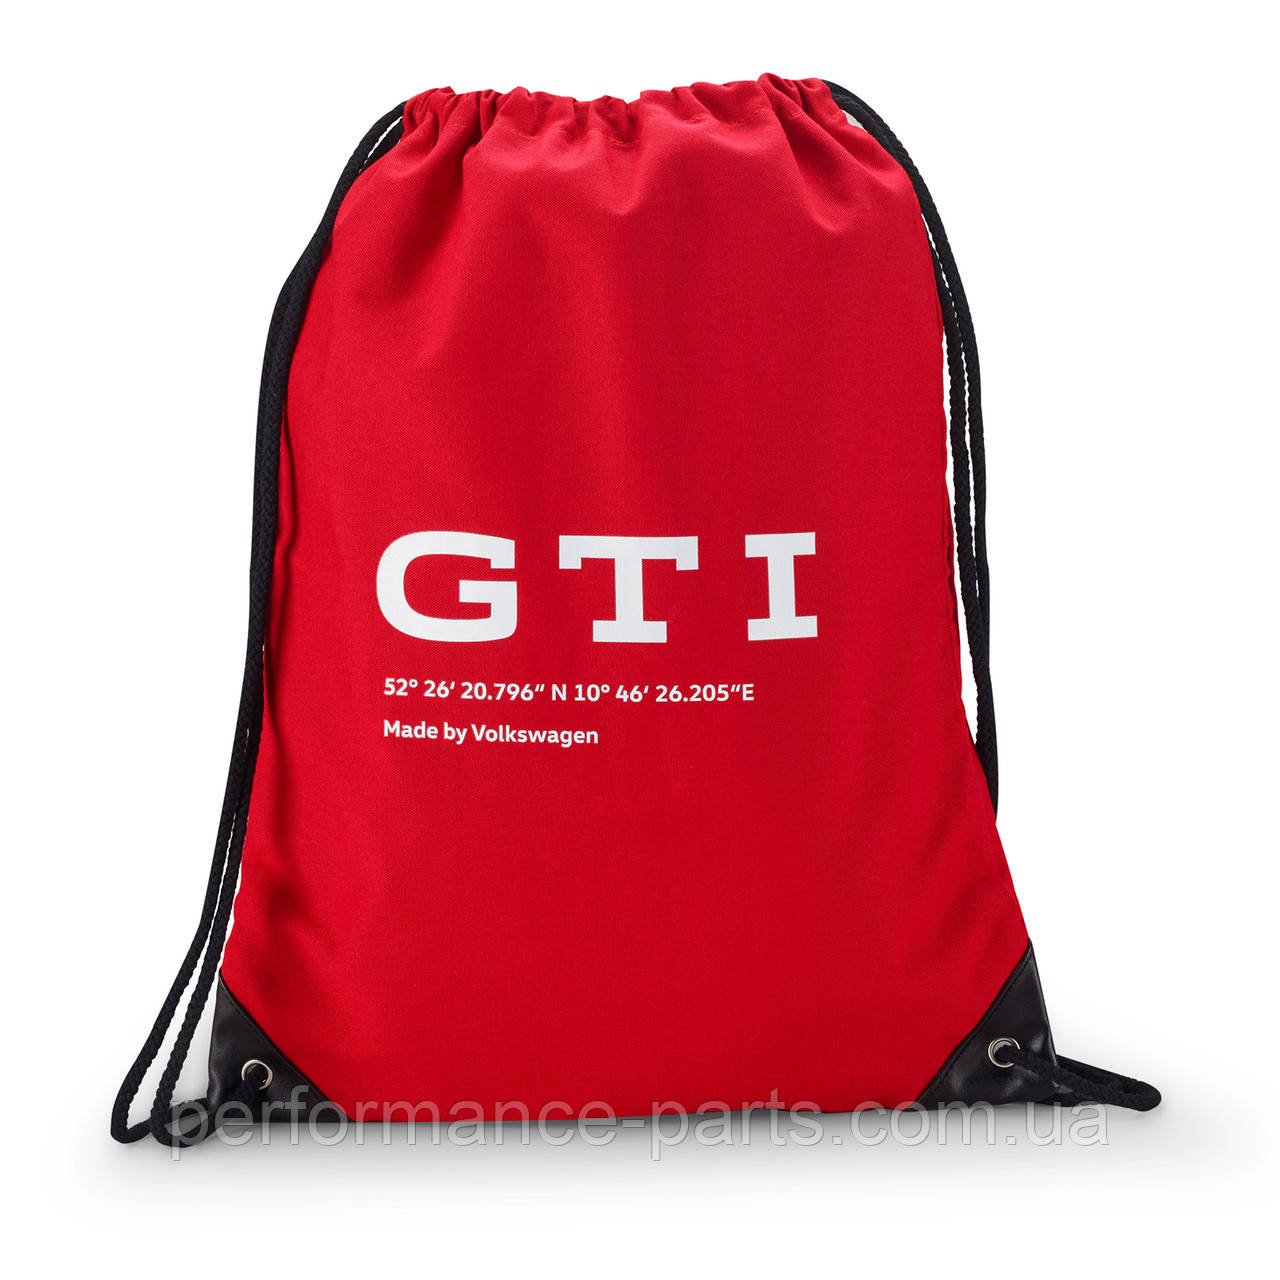 Оригінальна VW спортивна сумка GTI спортивна сумка сумка-рюкзак червона 5HV087318A